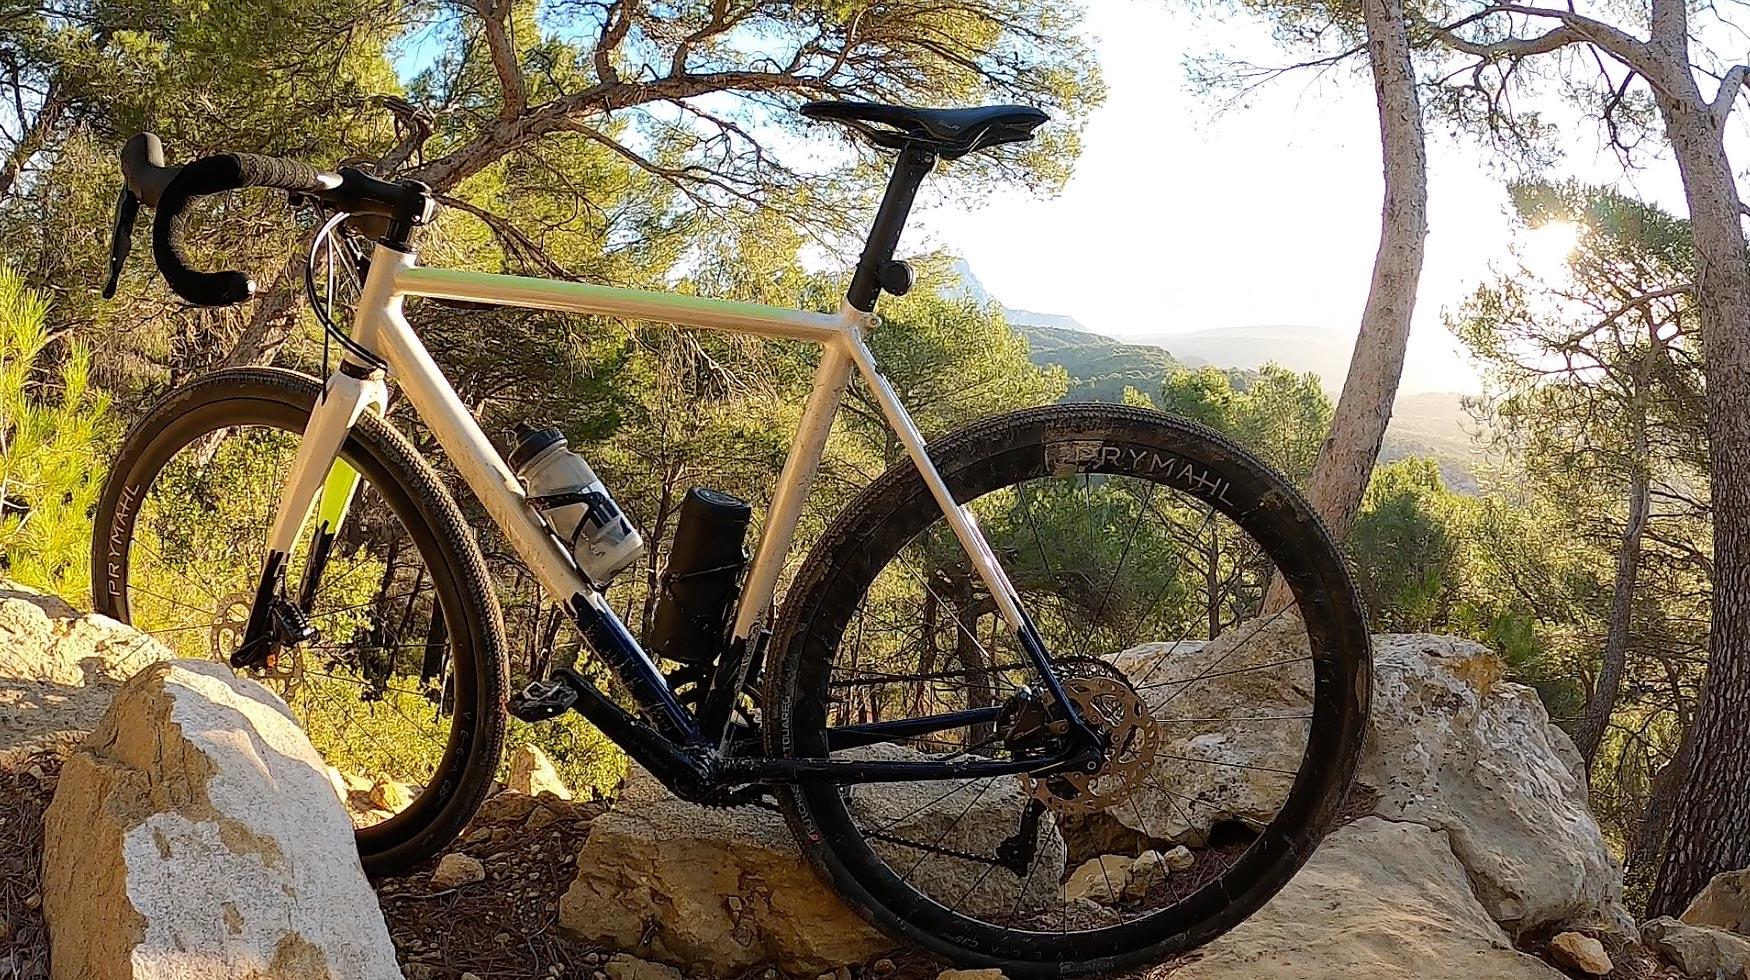 Prymahl C35 Pro, roues sportives au look élégant ... photo Bike Café